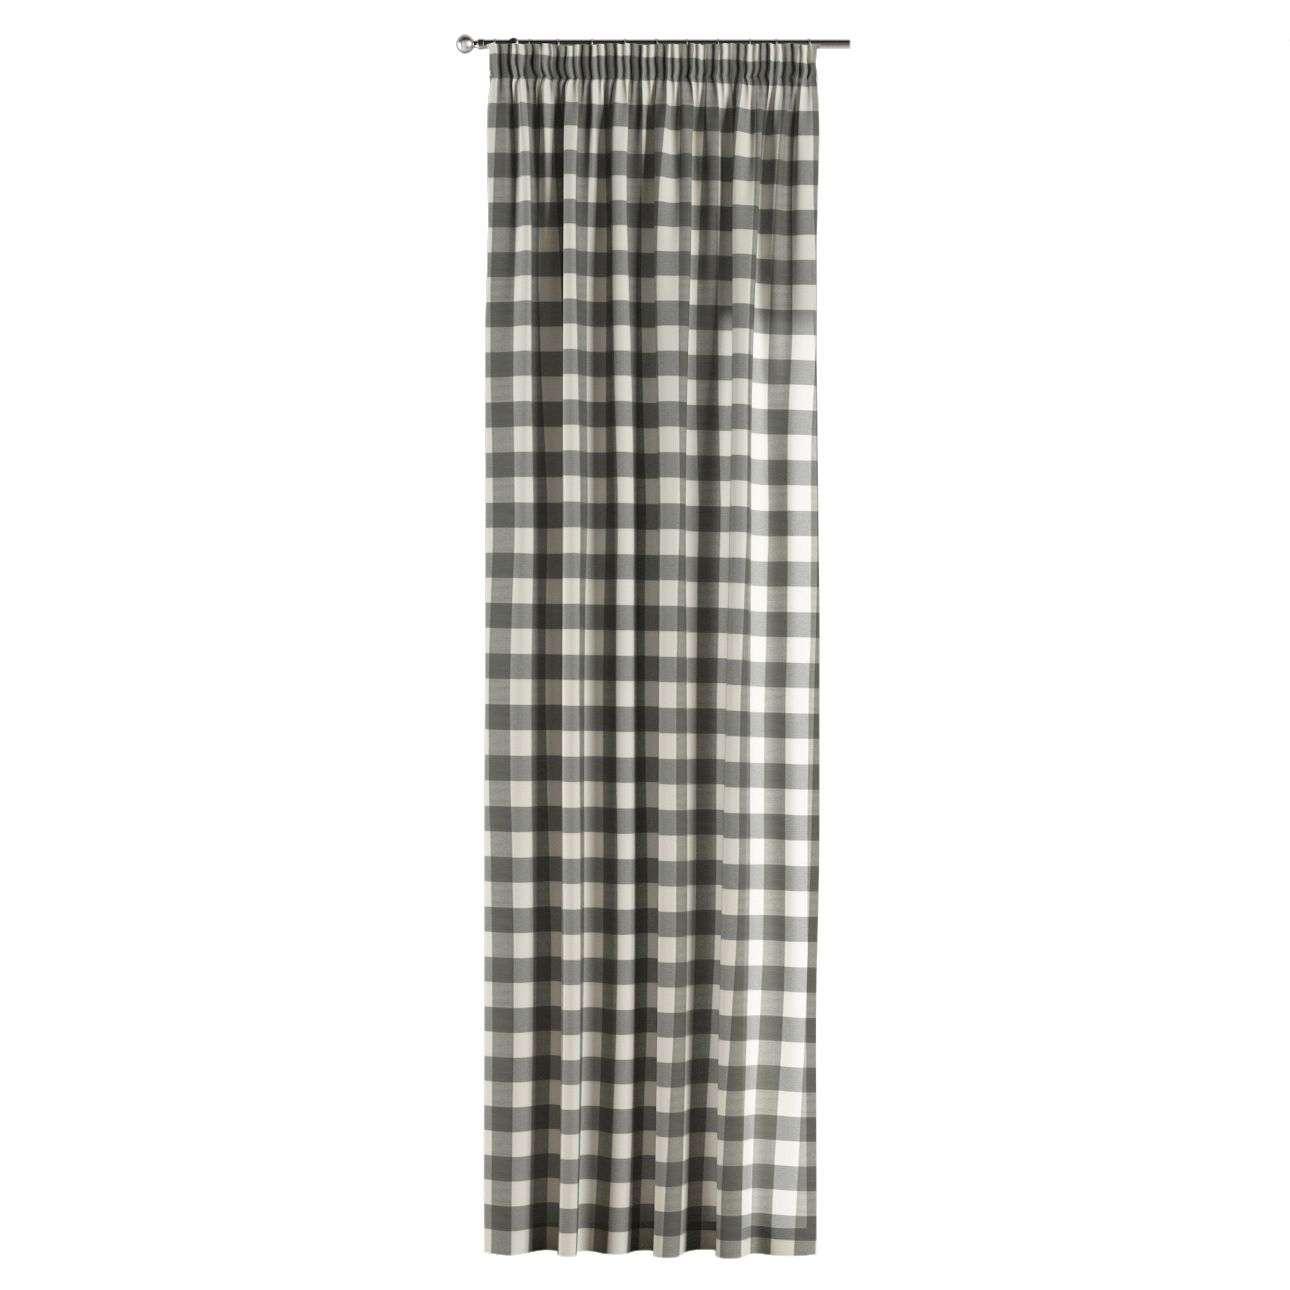 Závěs s řasící páskou v kolekci Quadro, látka: 136-13